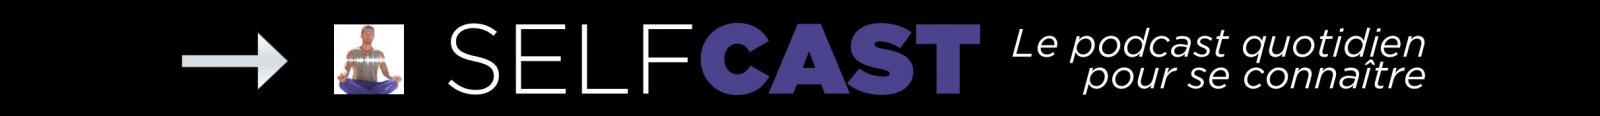 SELFCAST podcast développement personnel fabien malgrand